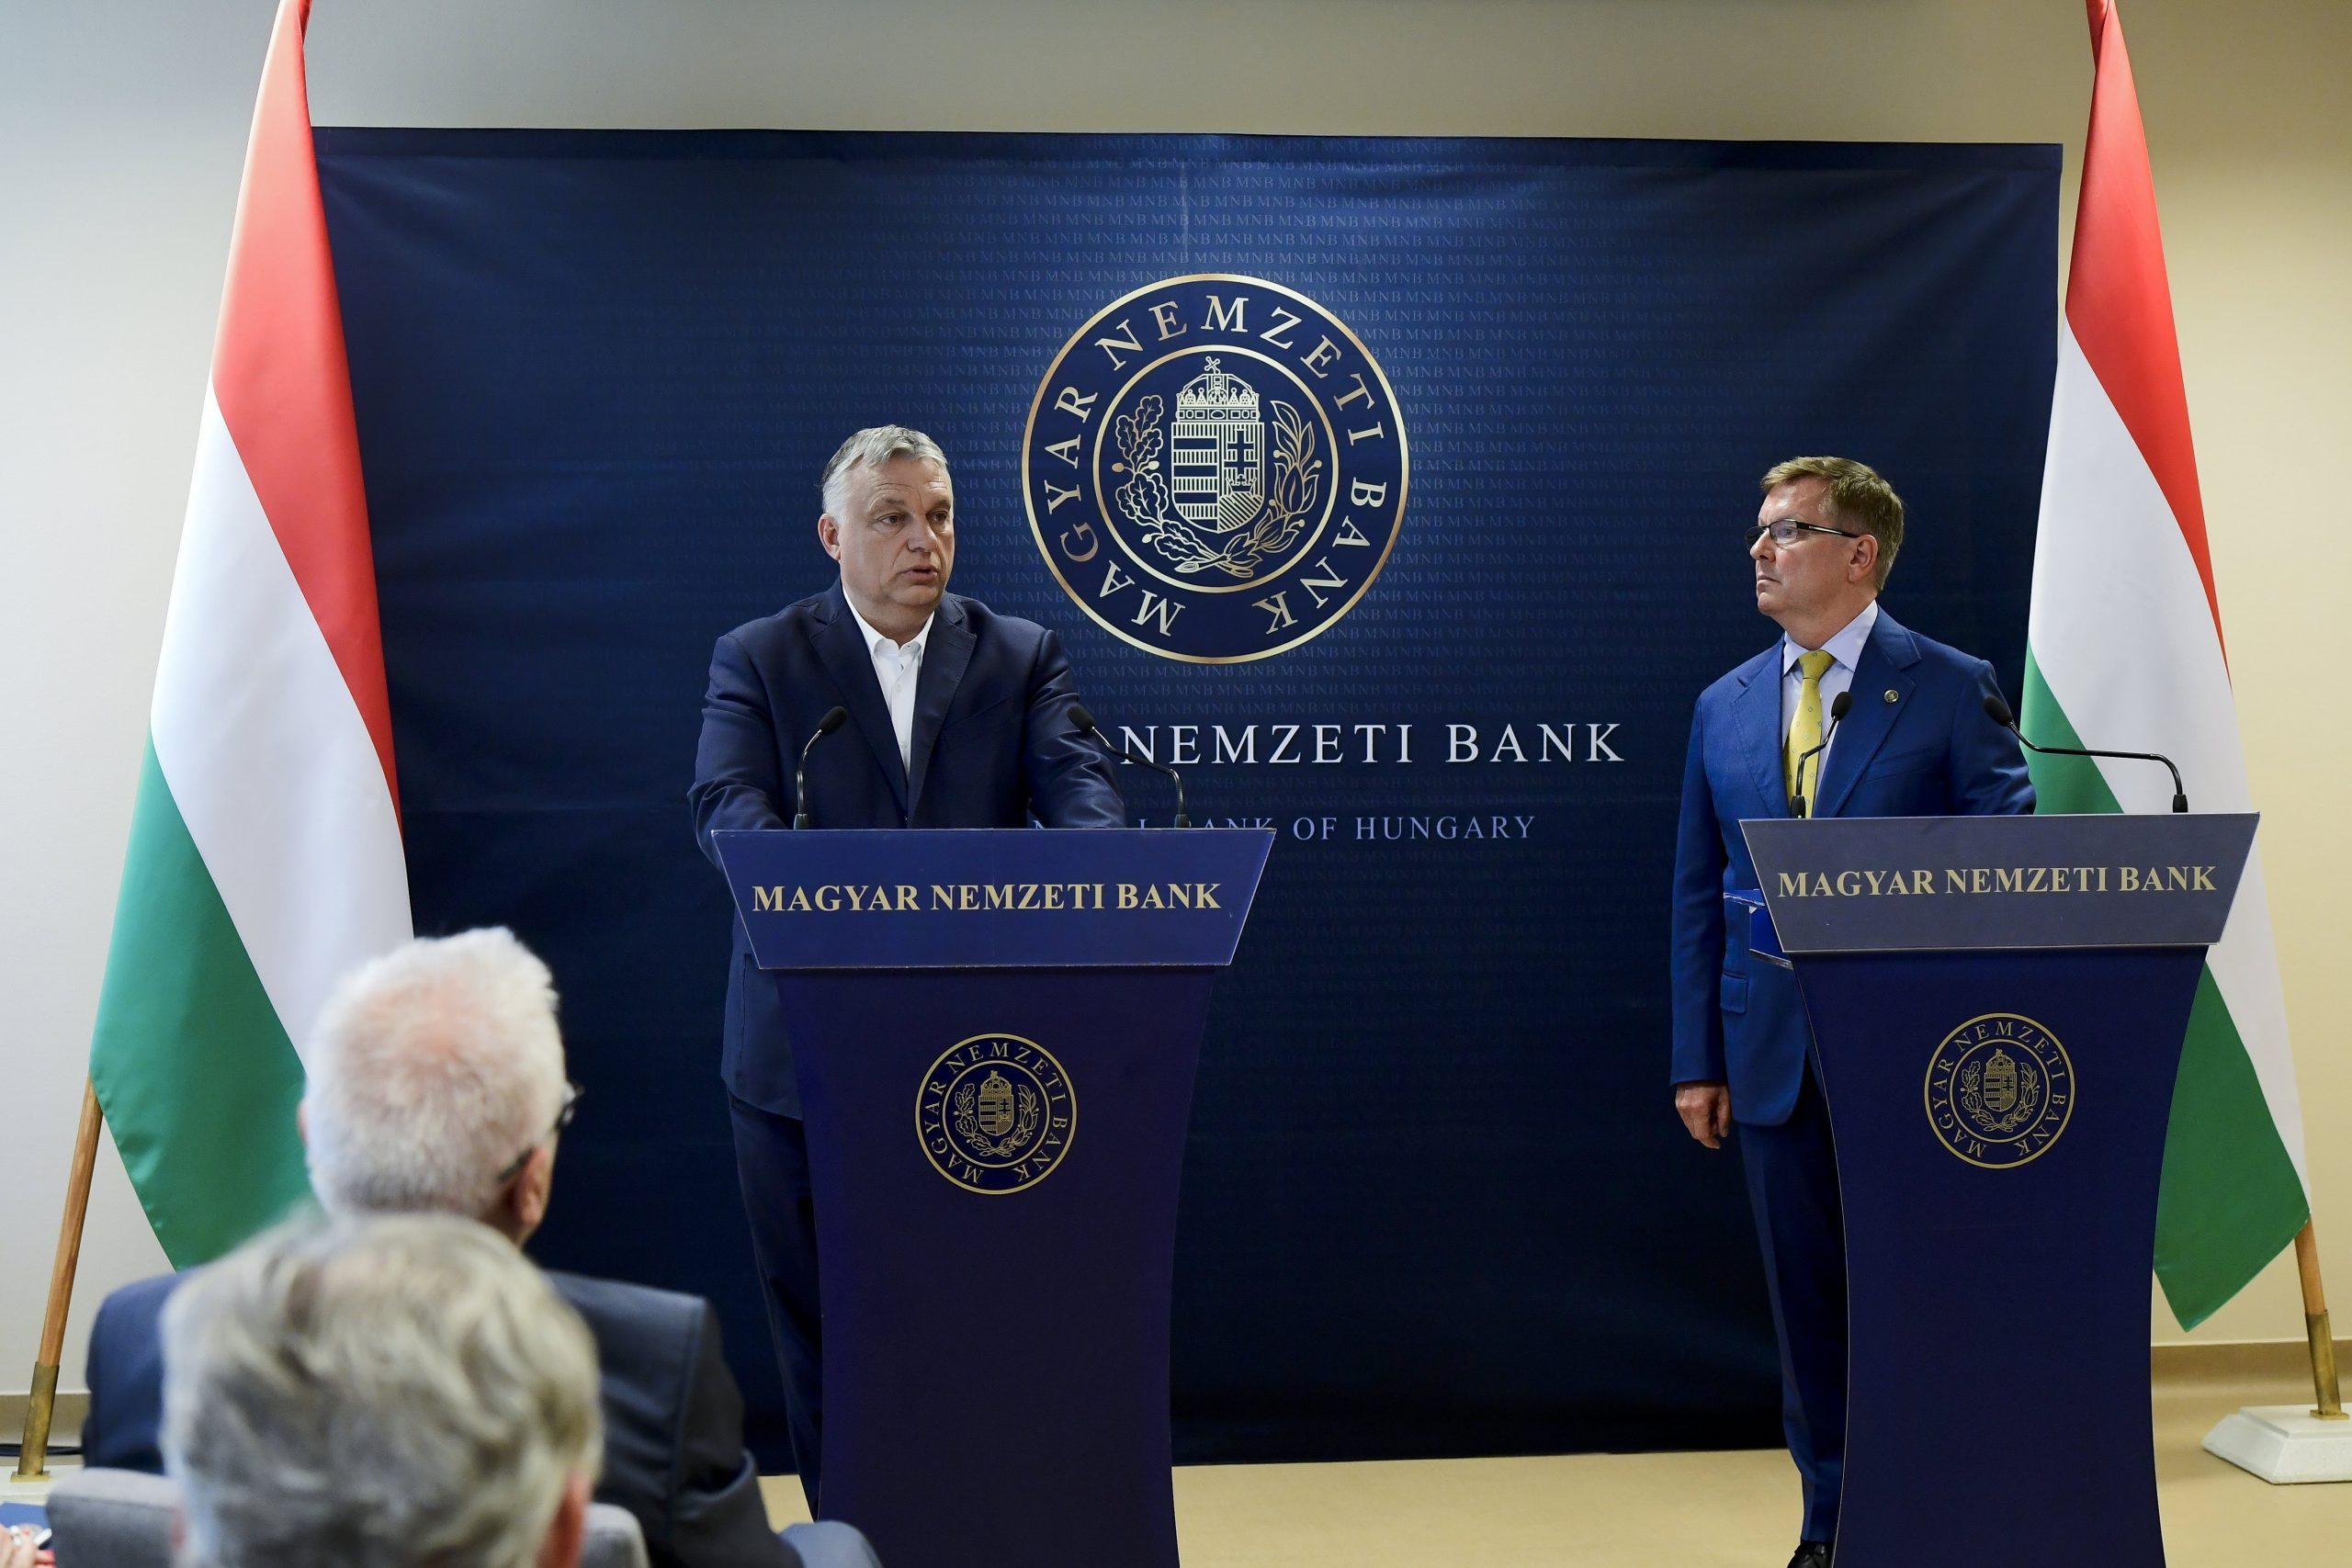 Orbán: Wegen bevorstehenden gefährlichen Zeiten sind Reserven, Deckung und Sicherheit notwendig